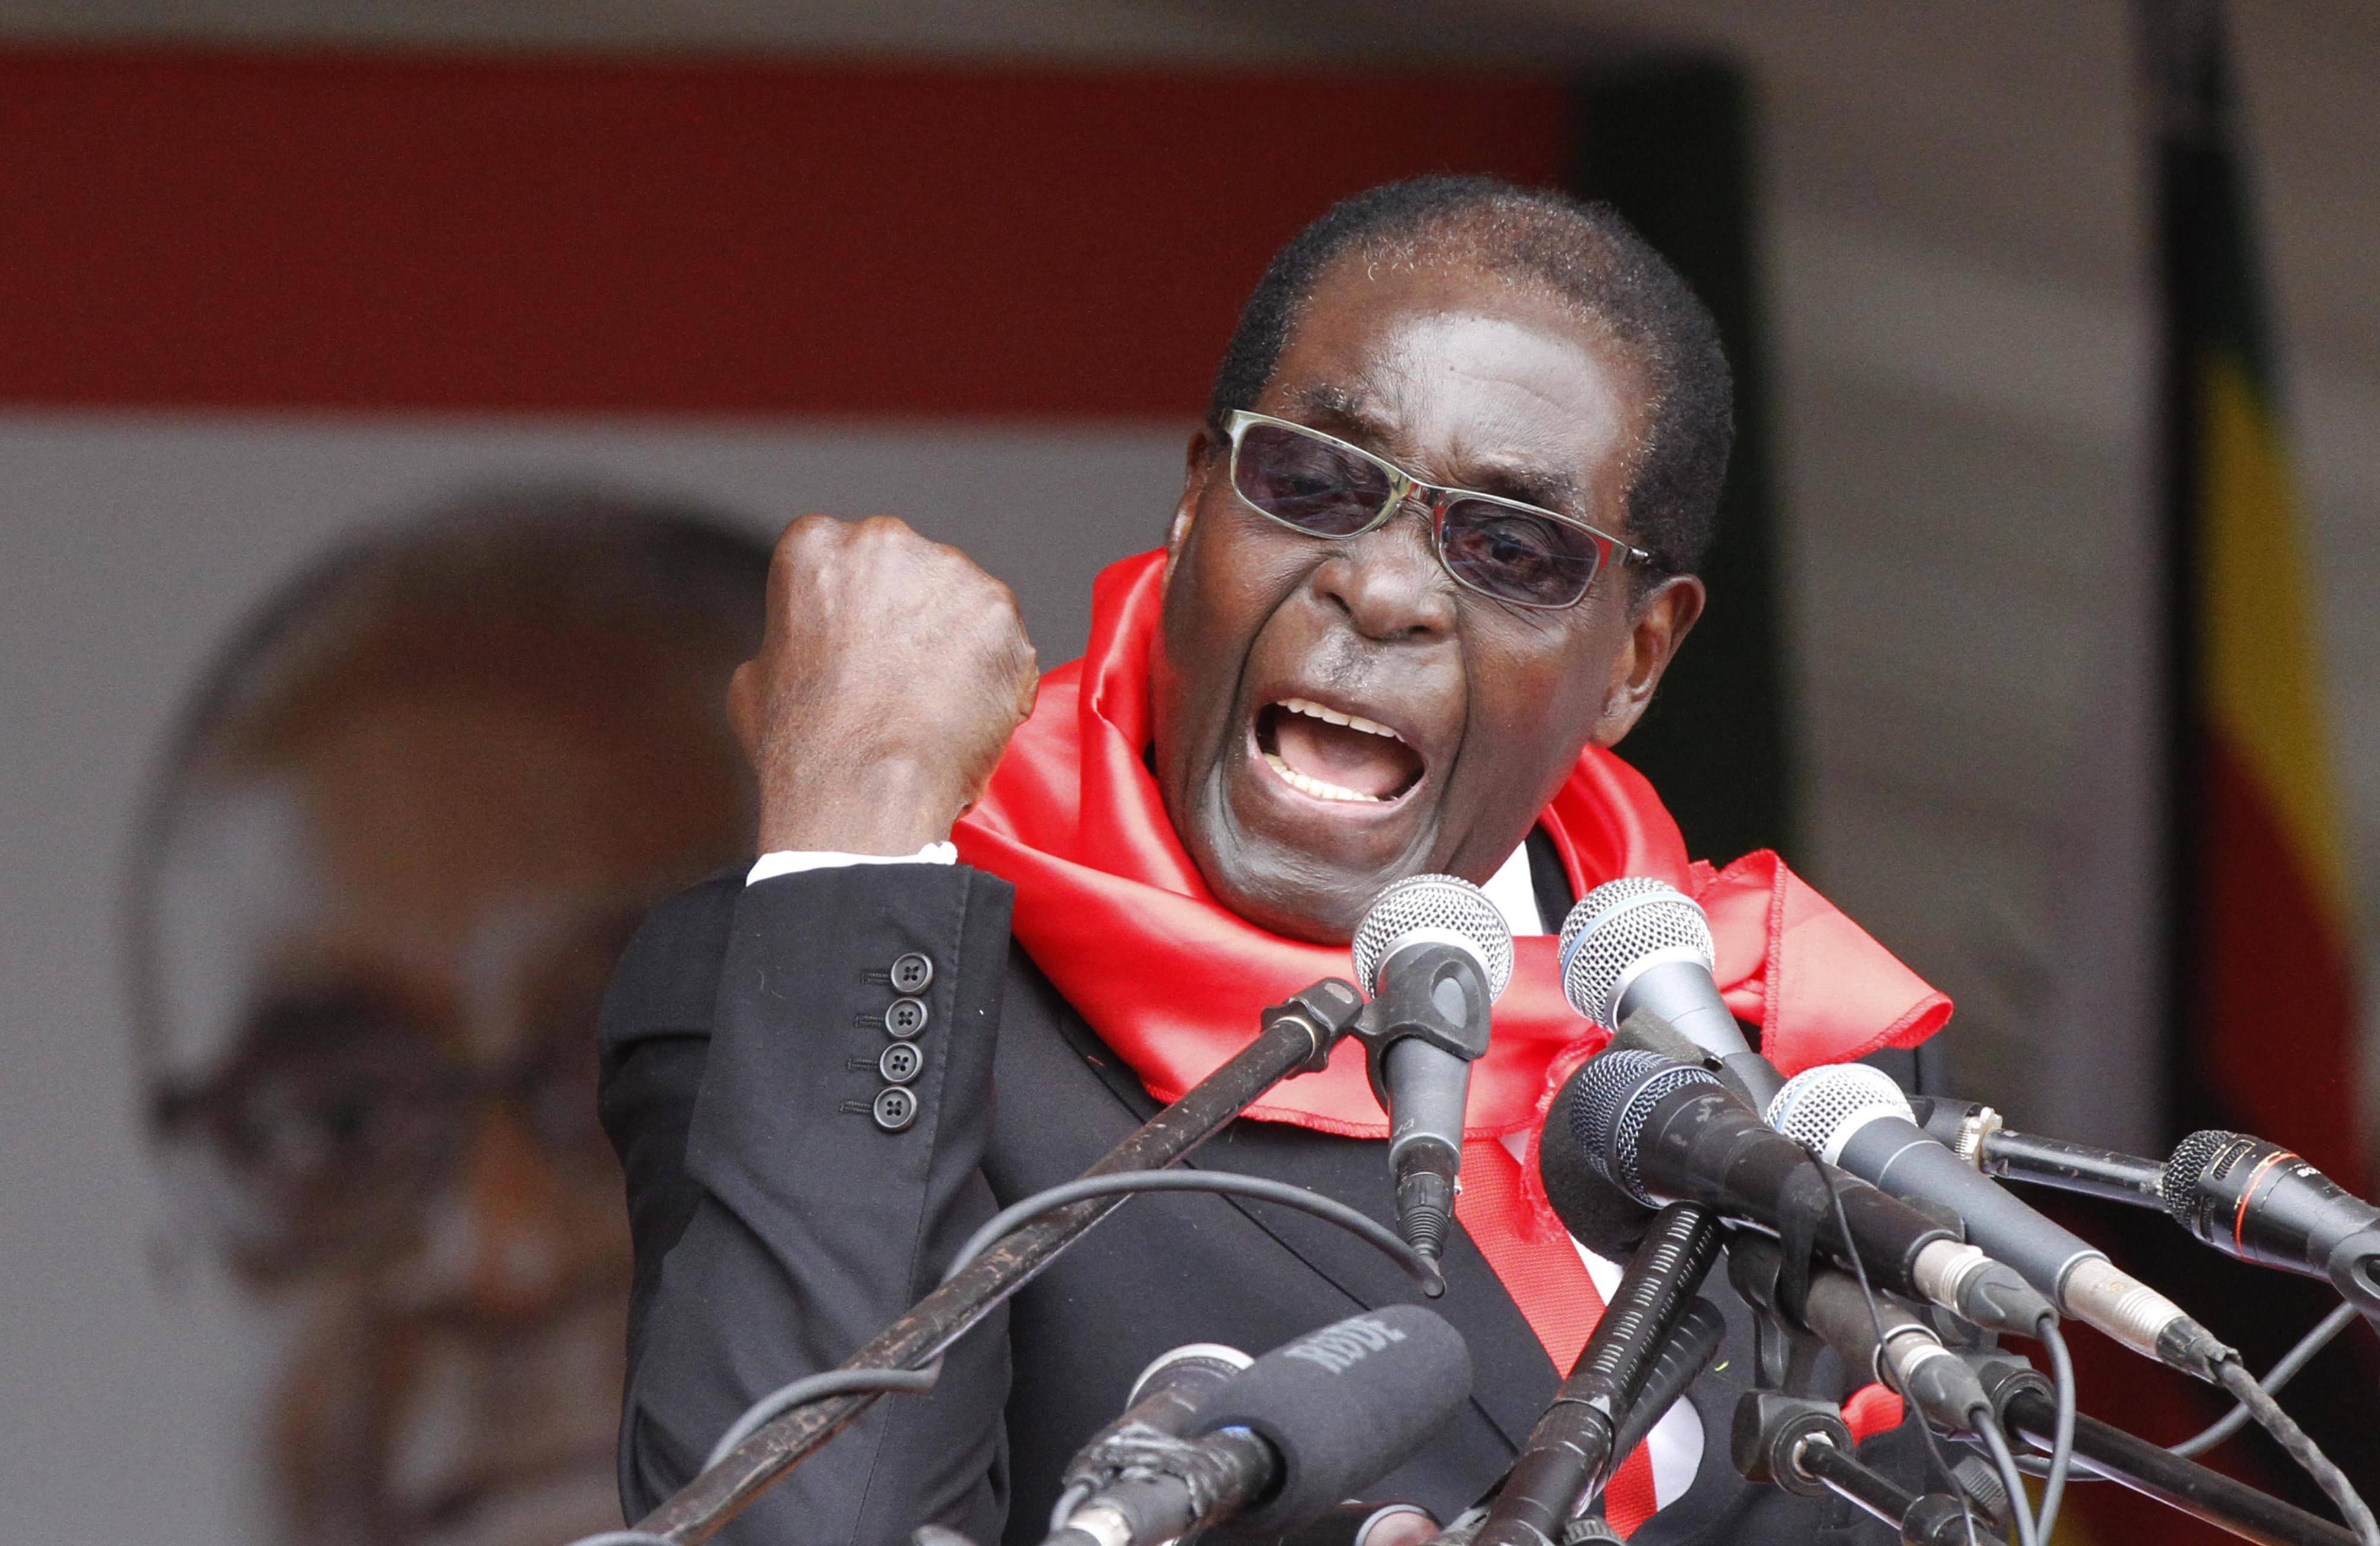 津巴布韋前總統穆加貝逝世:執政37年的傳奇人物